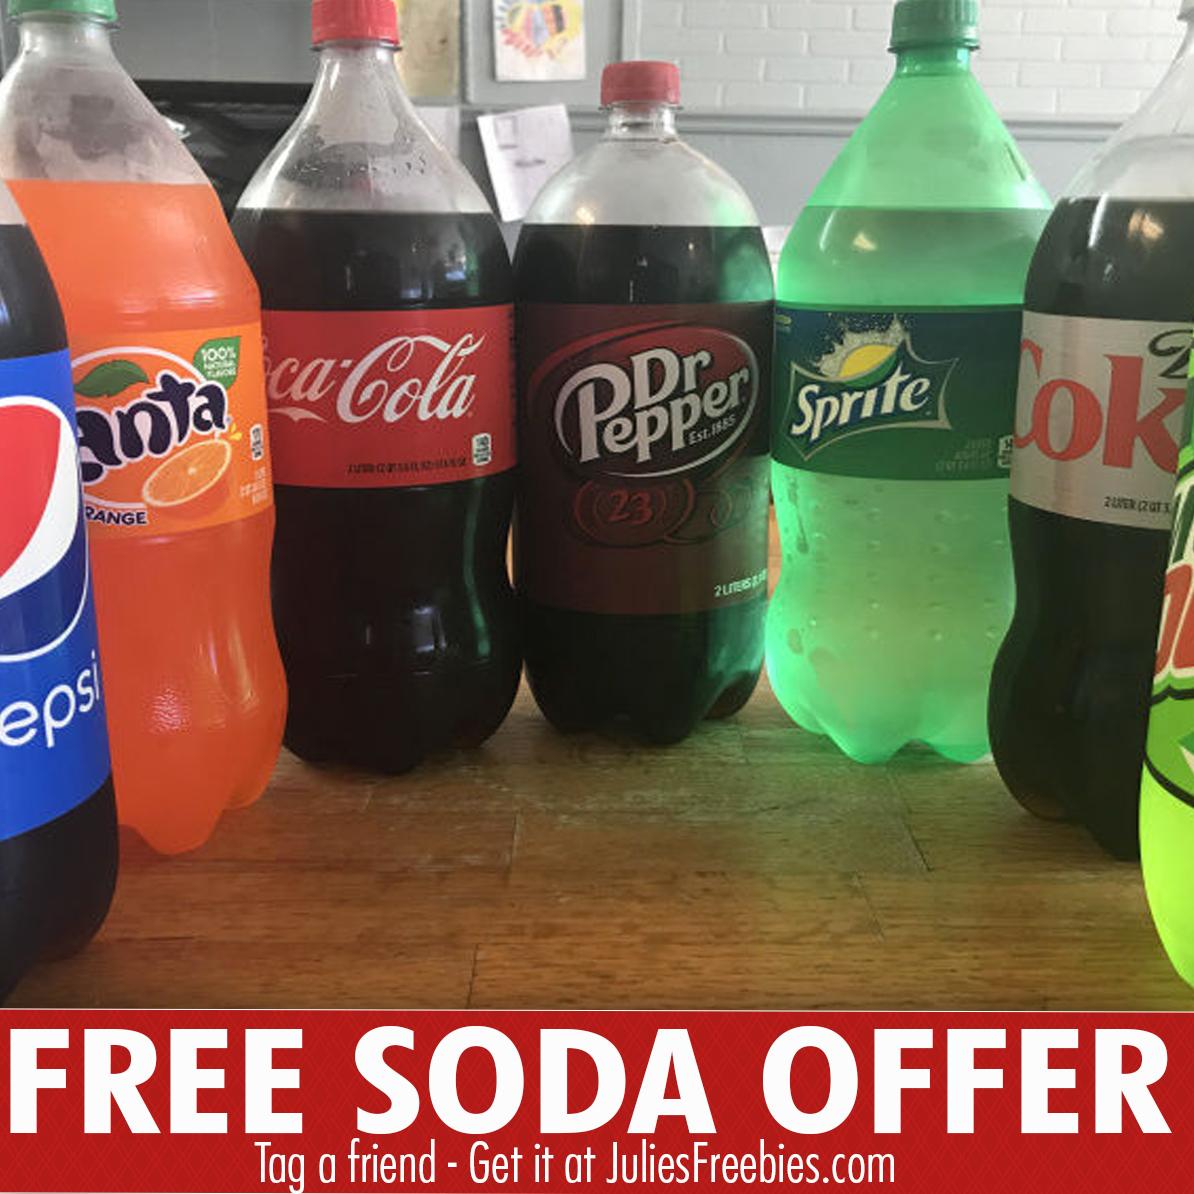 Free 2 Liter Bottle Of Soda At Walmart